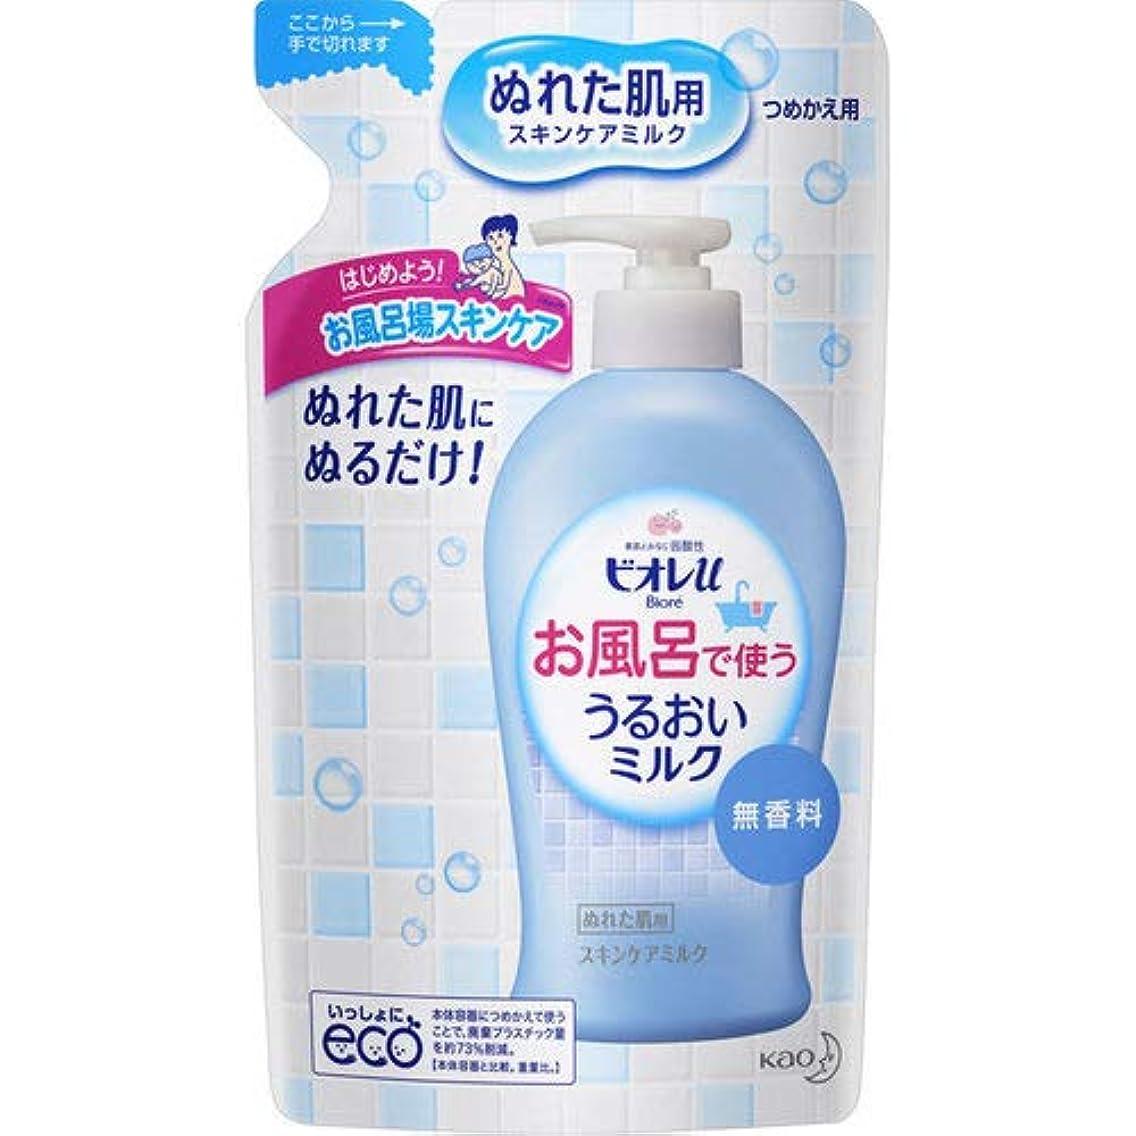 インフレーション後問い合わせビオレu お風呂で使ううるおいミルク 無香料 つめかえ用 250mL